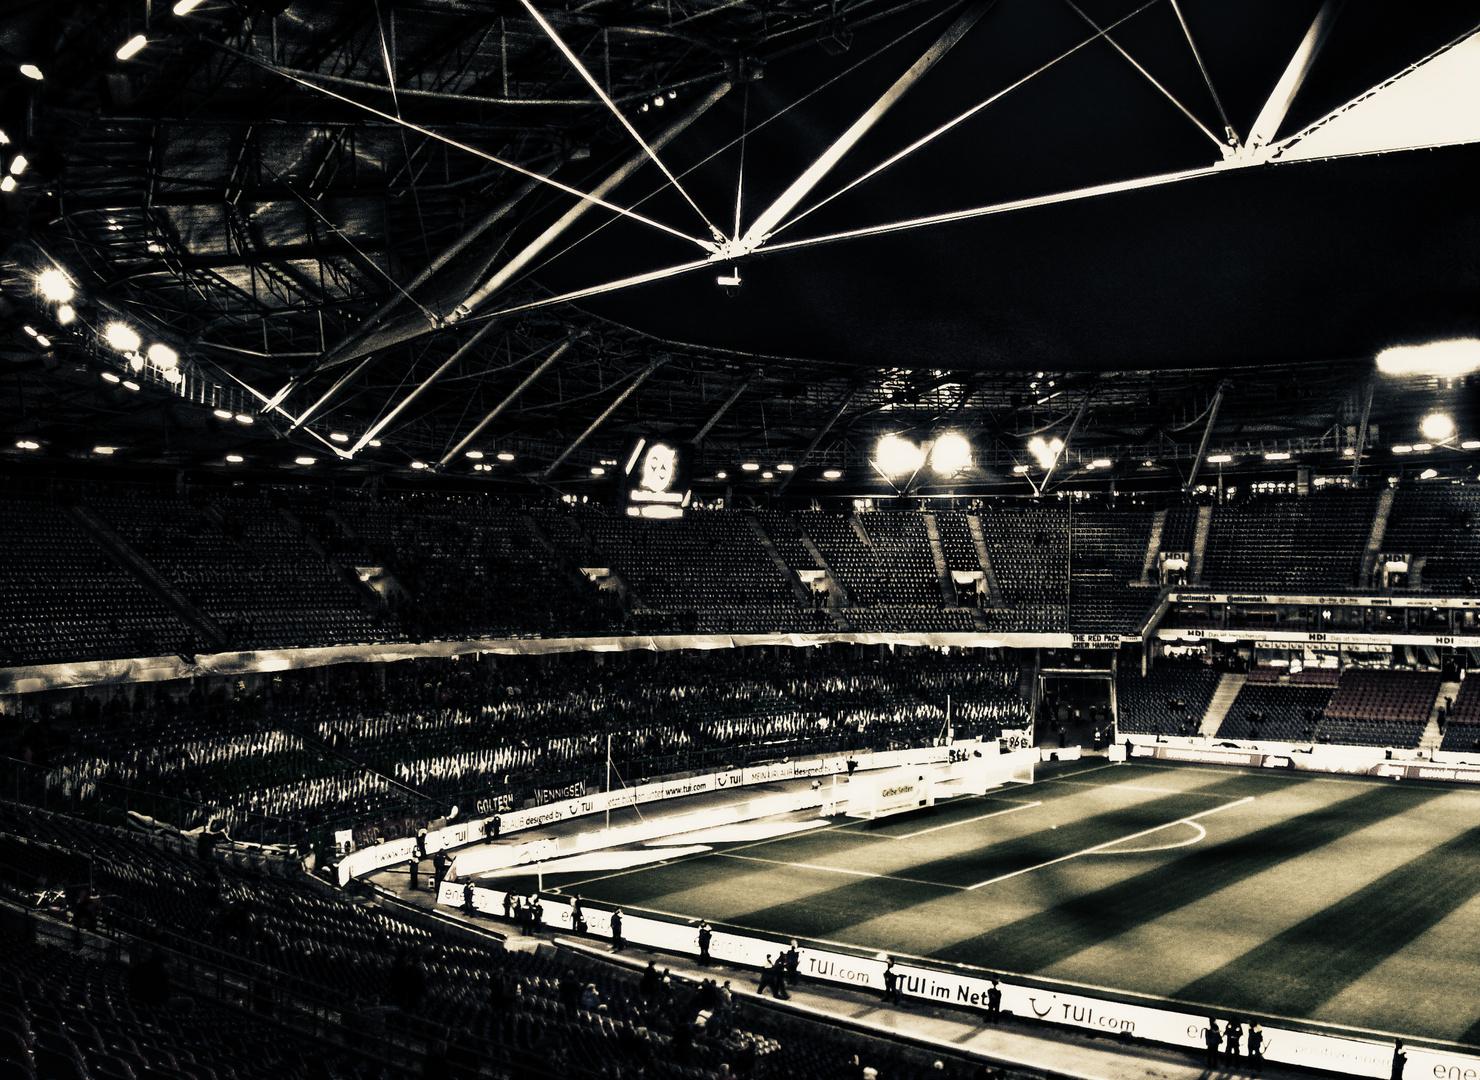 da war das stadion noch leer und ruhig ..